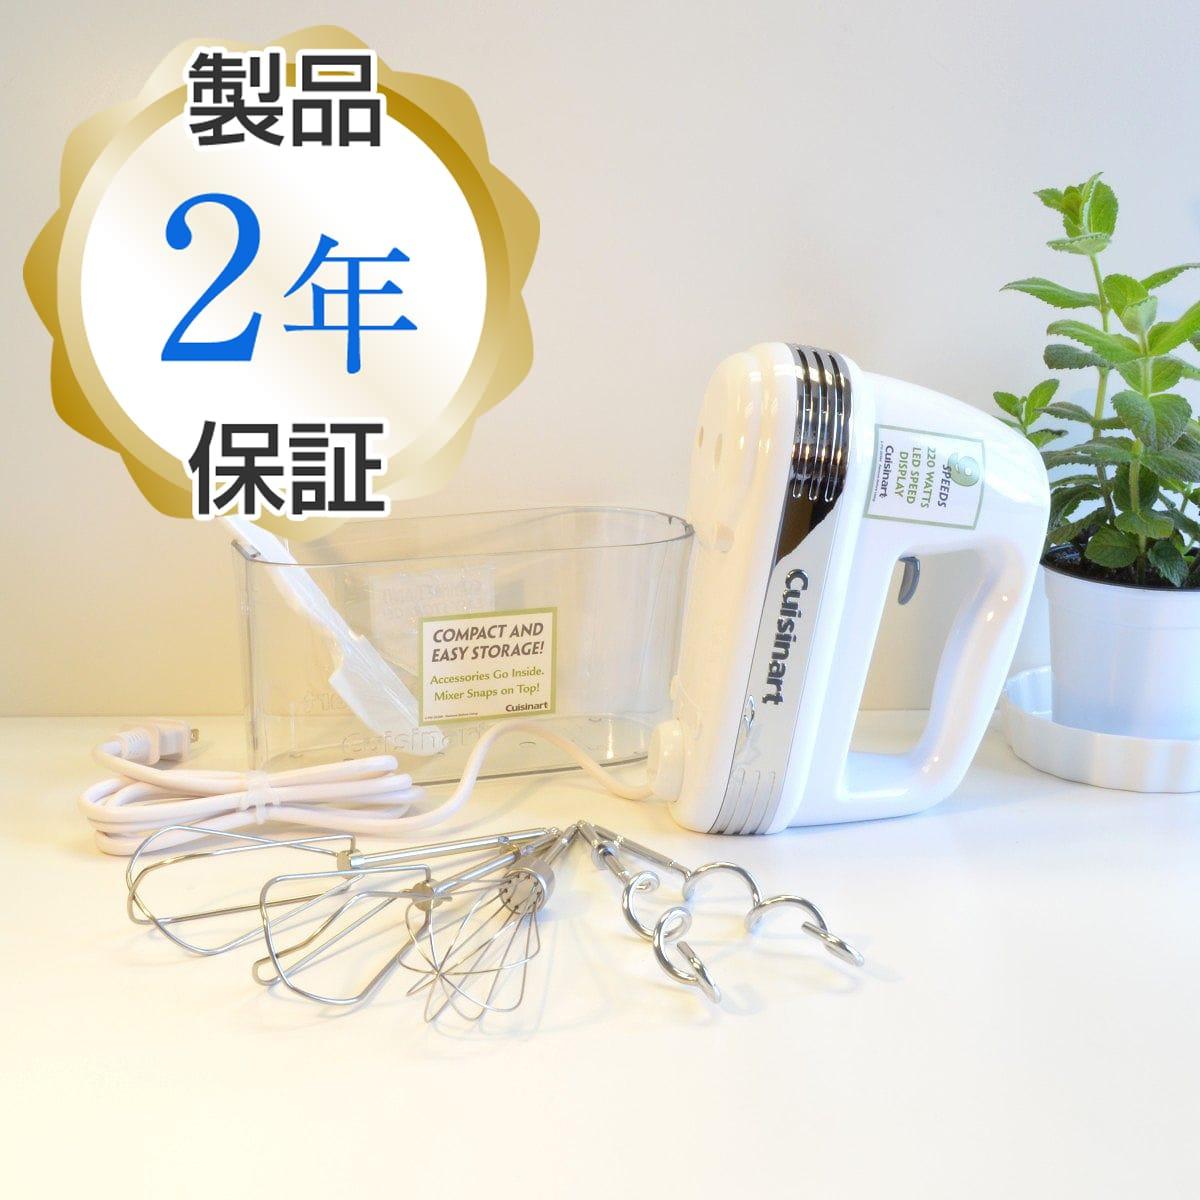 クイジナートハンドミキサー 9段階切替 ケース付 ホワイトCuisinart HM-90S Power Advantage Plus 9-Speed Handheld Mixer with Storage Case, White 家電